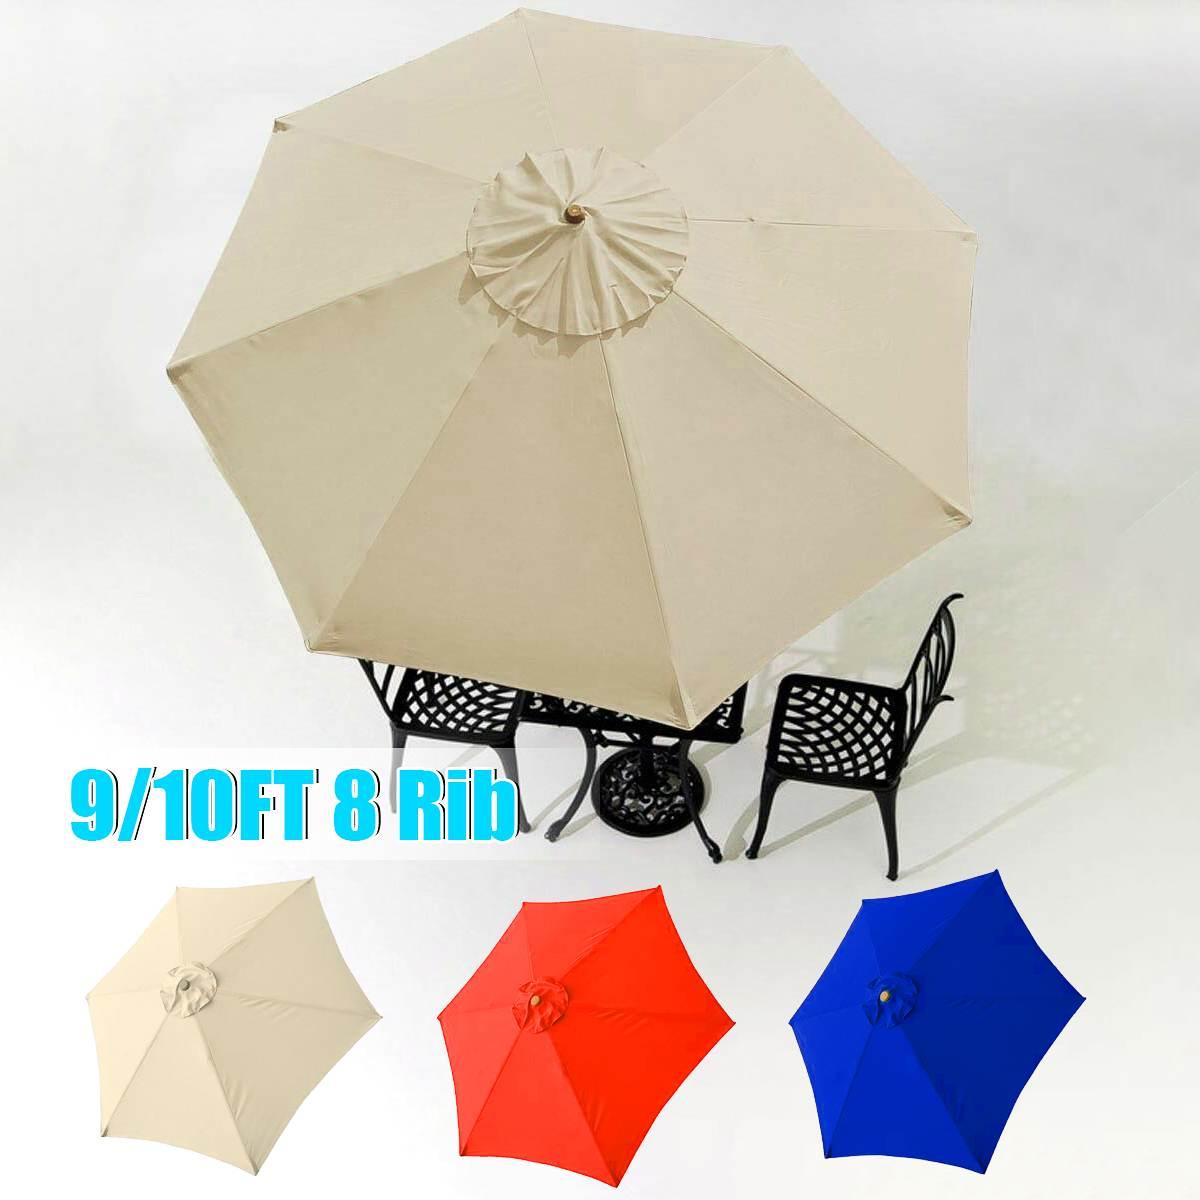 """Patio parasol Top pokrycie z pokrywy nadające się 9/10 """"8 żebra ogród targ na świeżym powietrzu w plaży baldachim nieprzemakalny słońce schronienie pokrywa"""